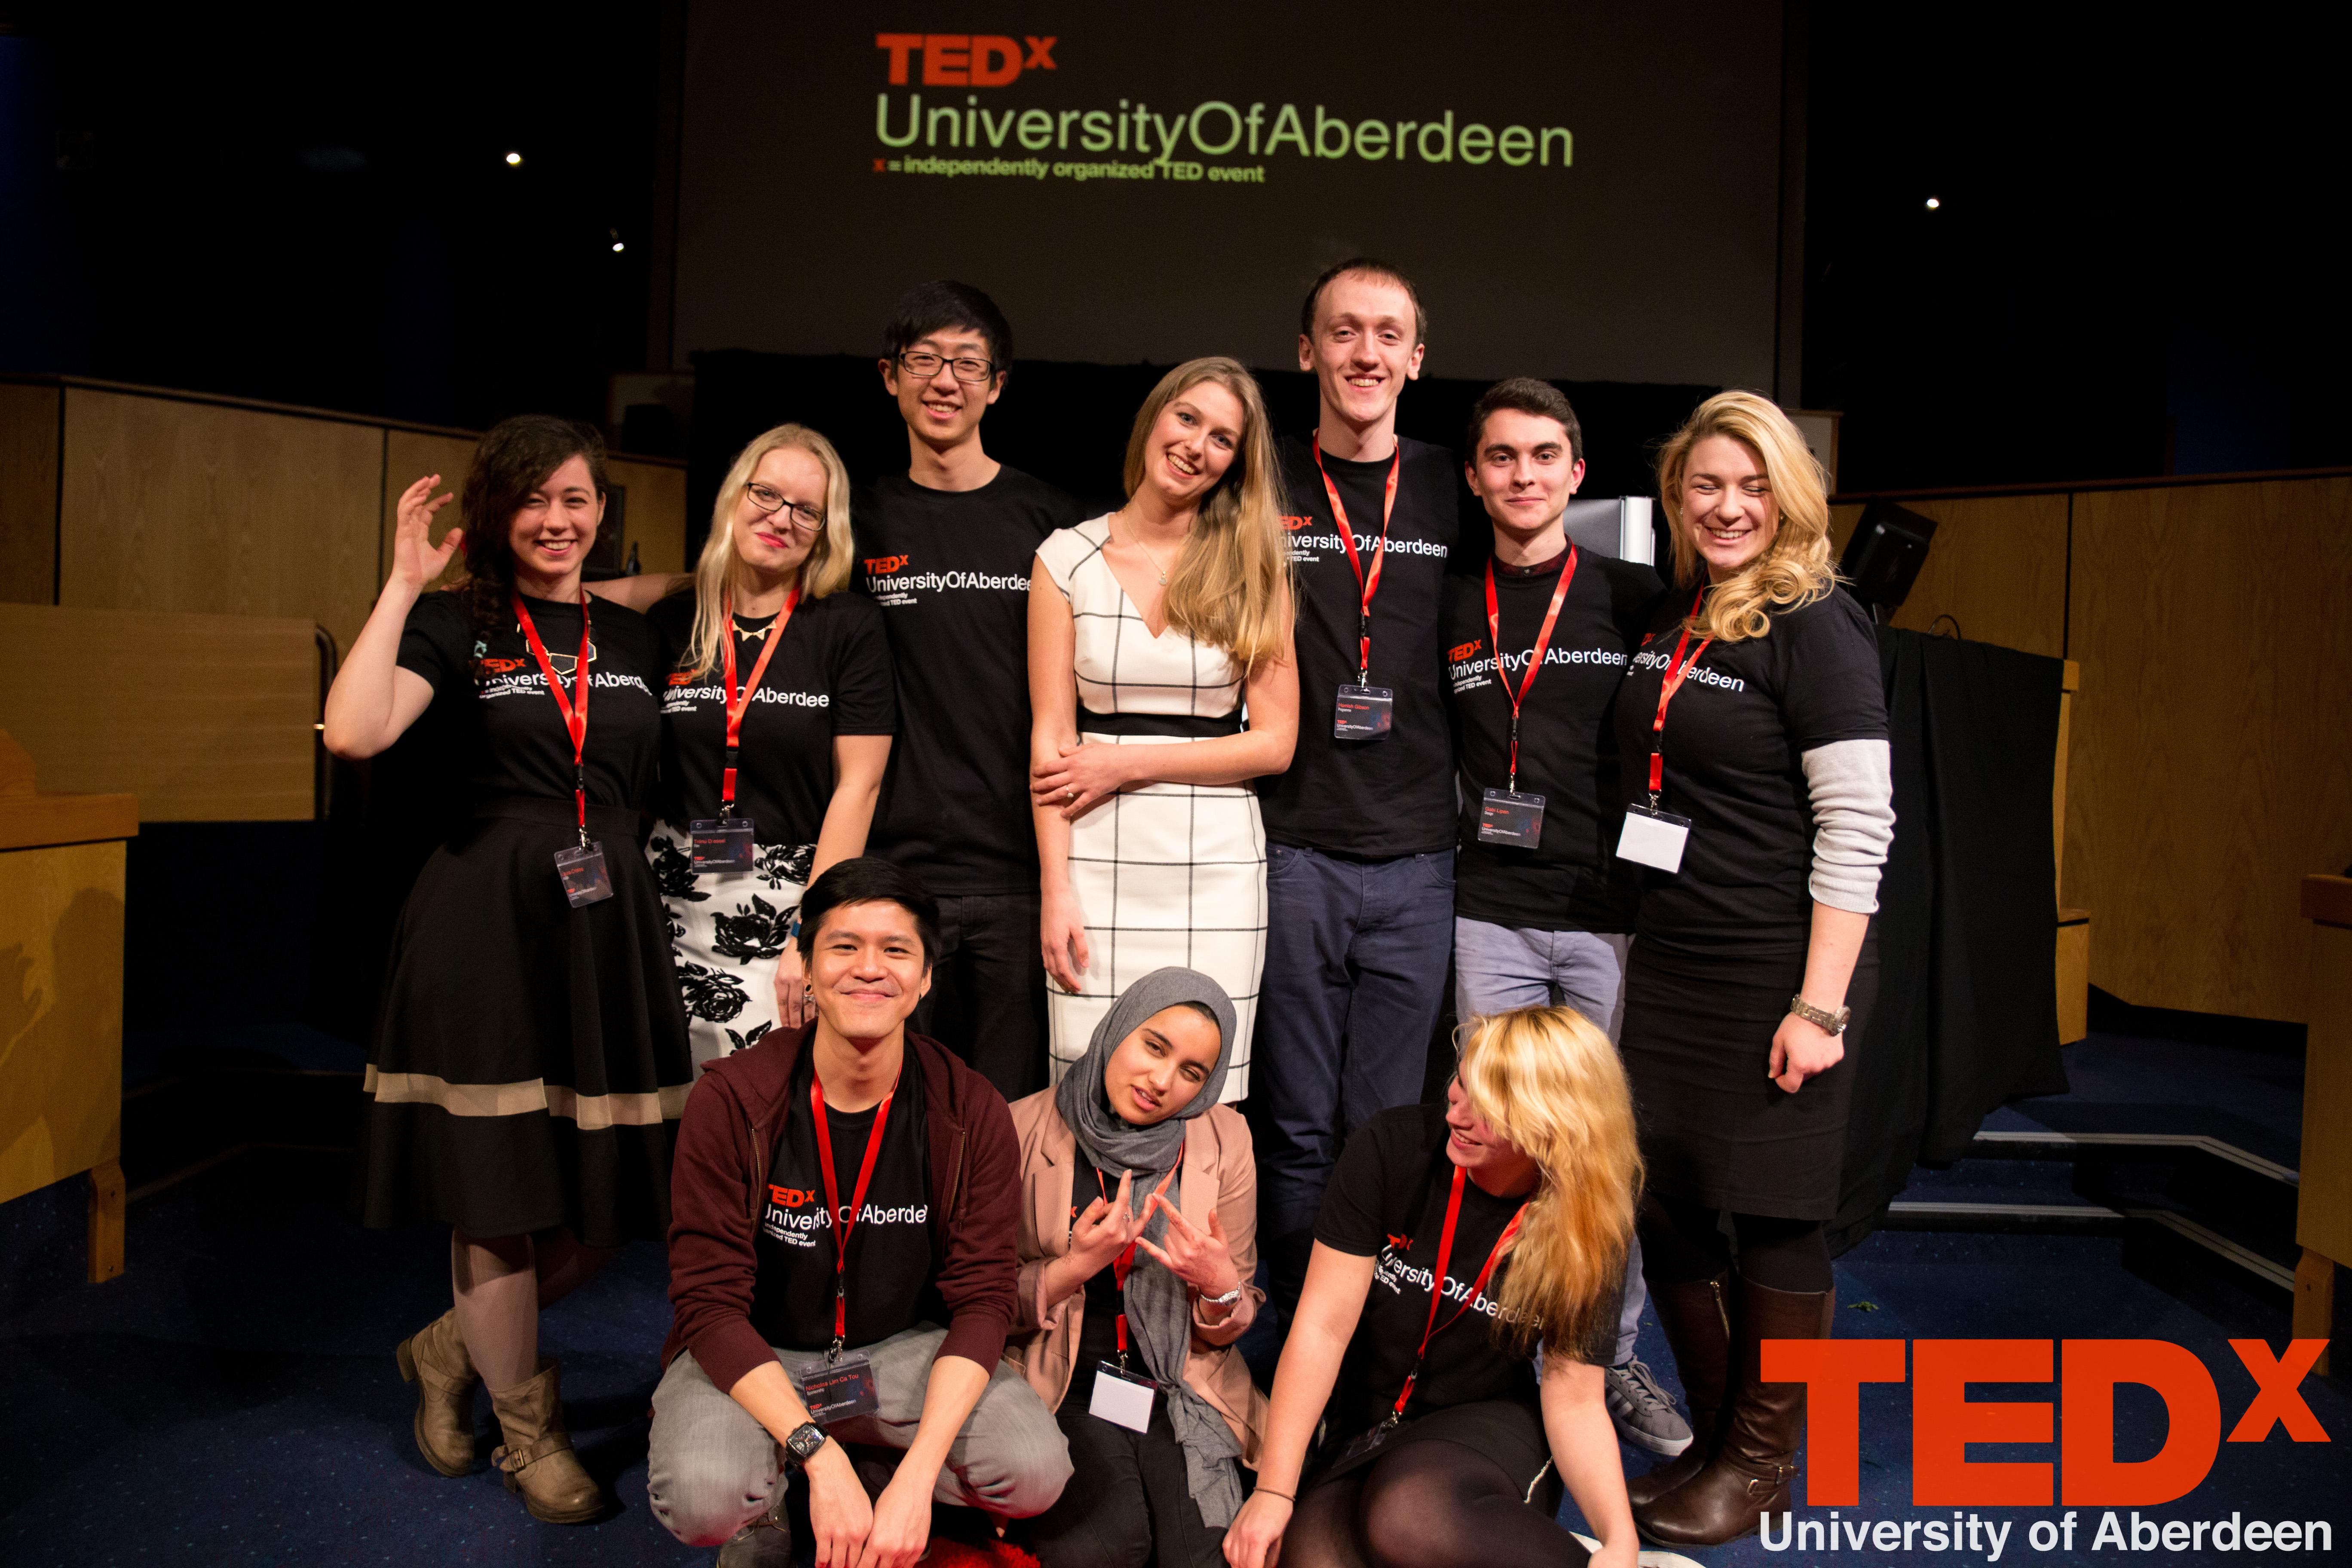 TEDx IMG_4085